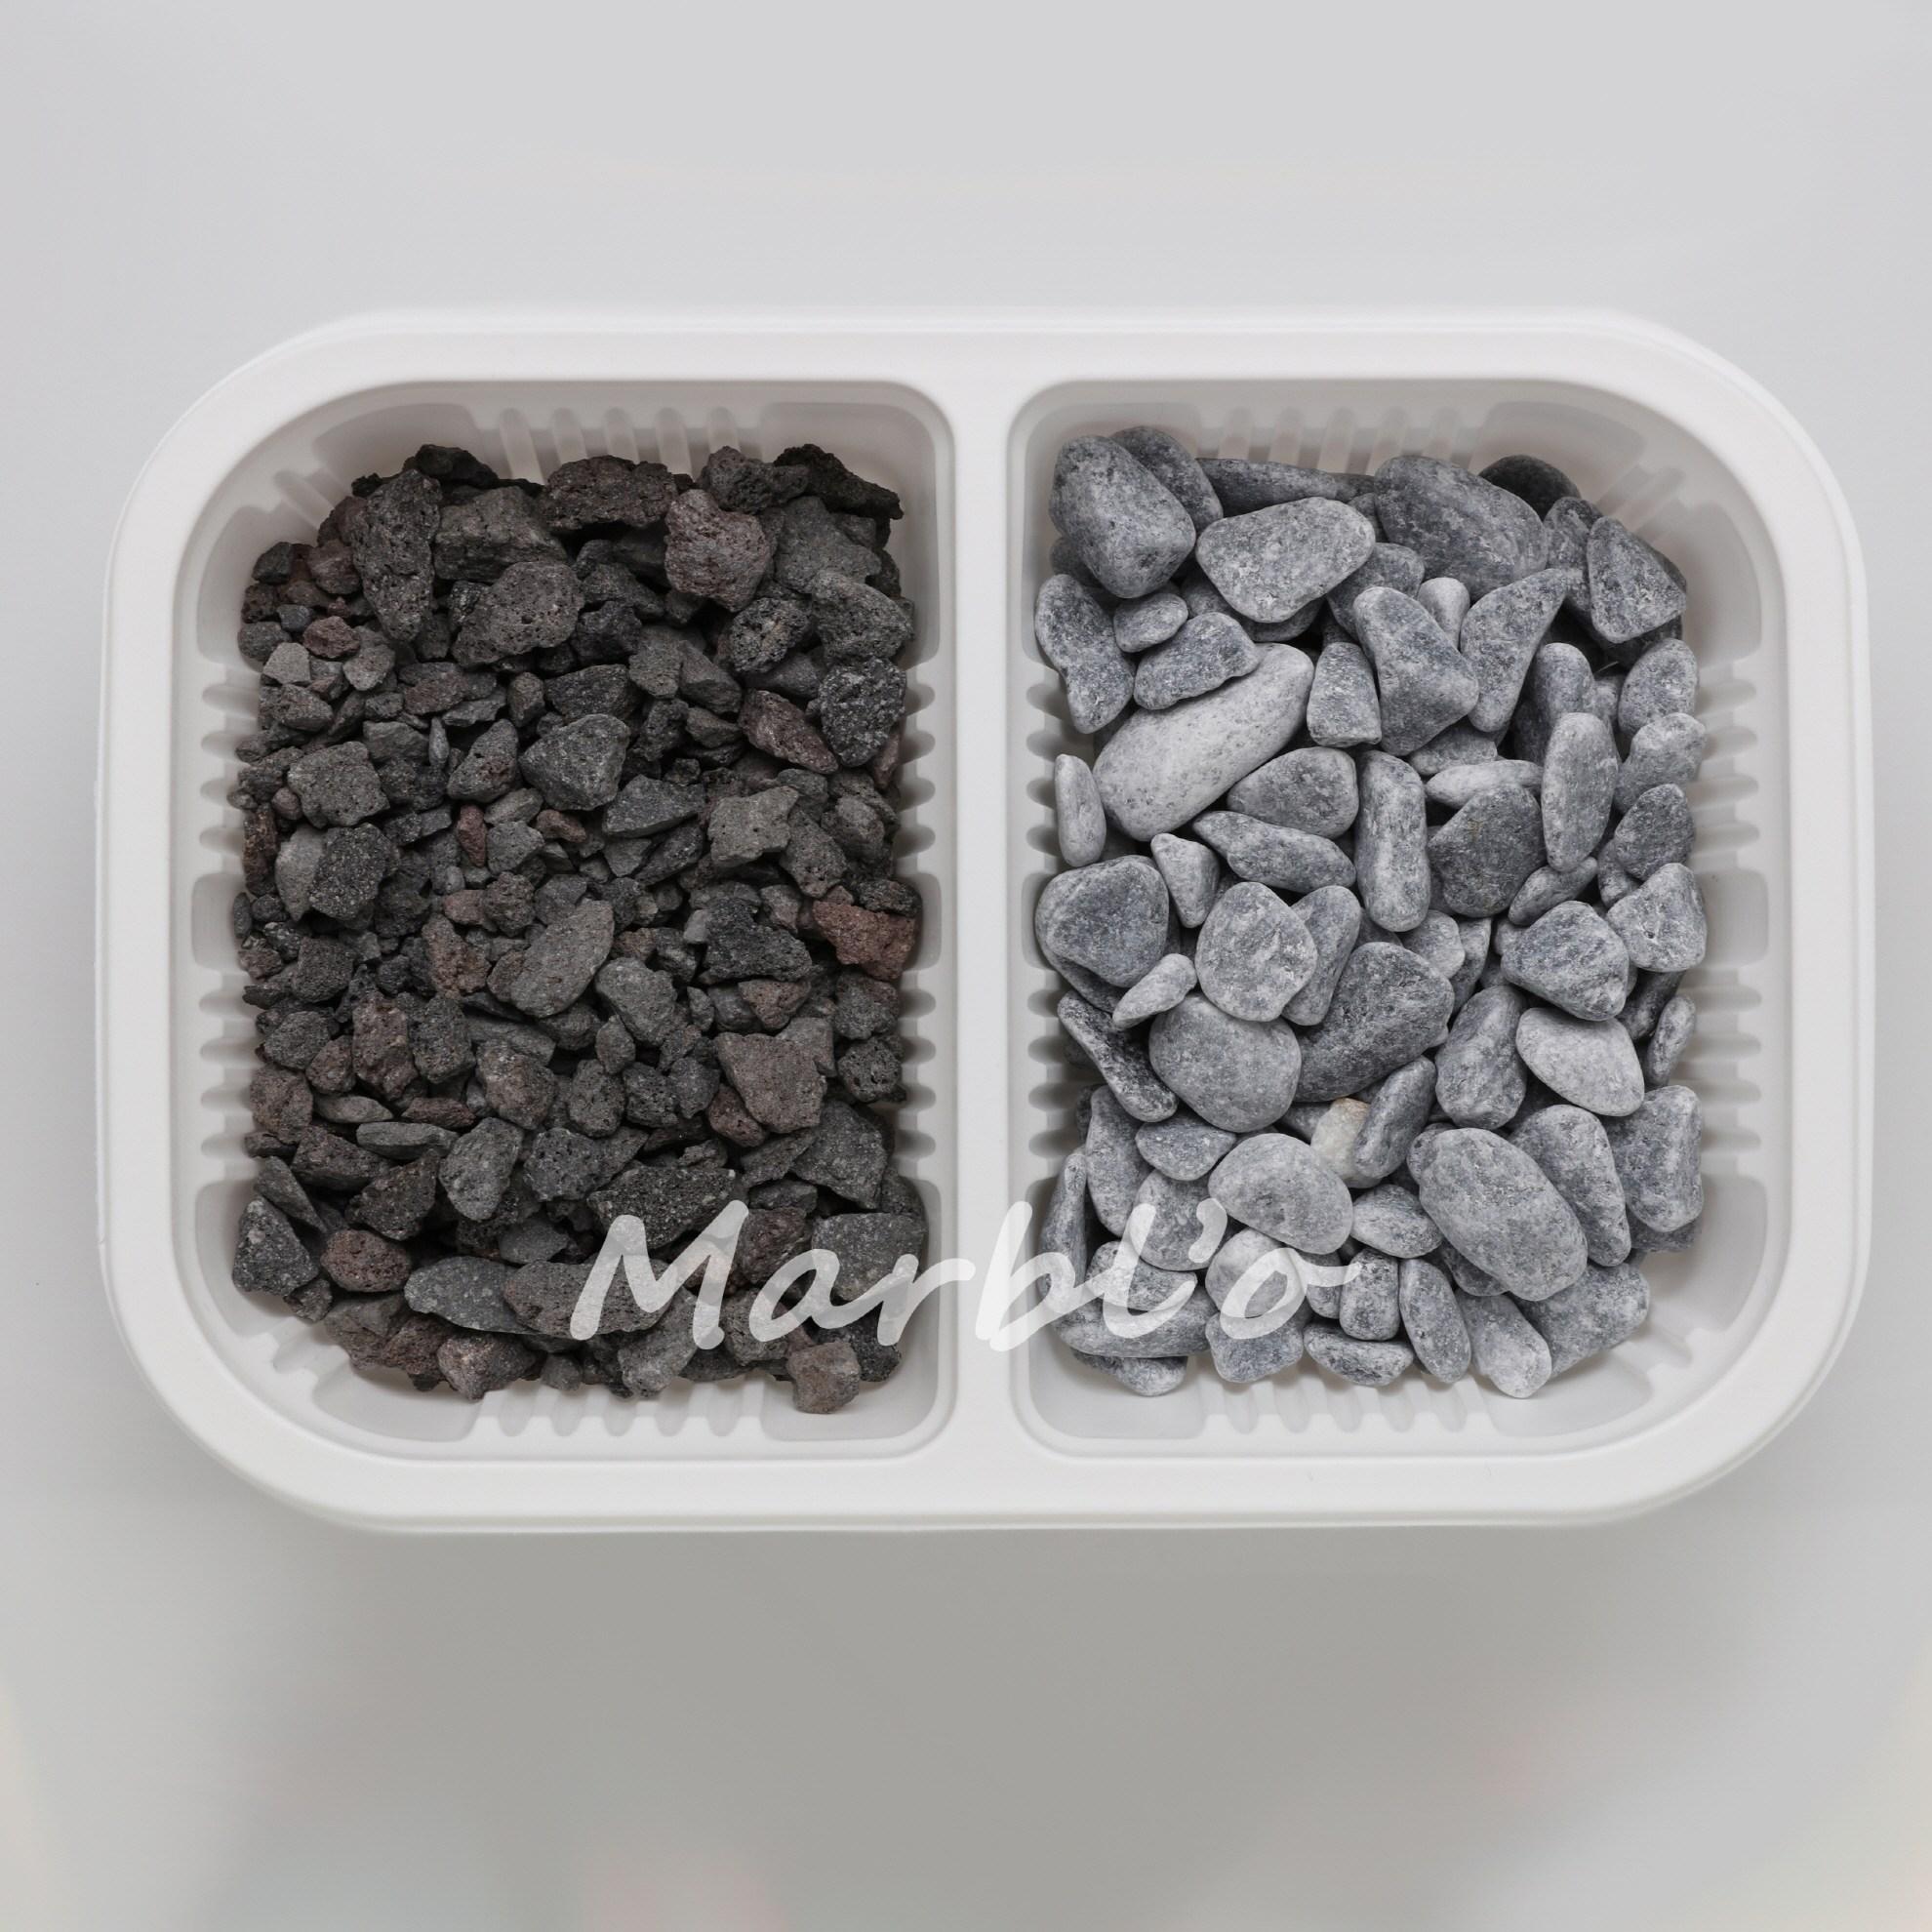 [마블로] 현무암+블랙텀블링 자갈 2kg(각 1kg)